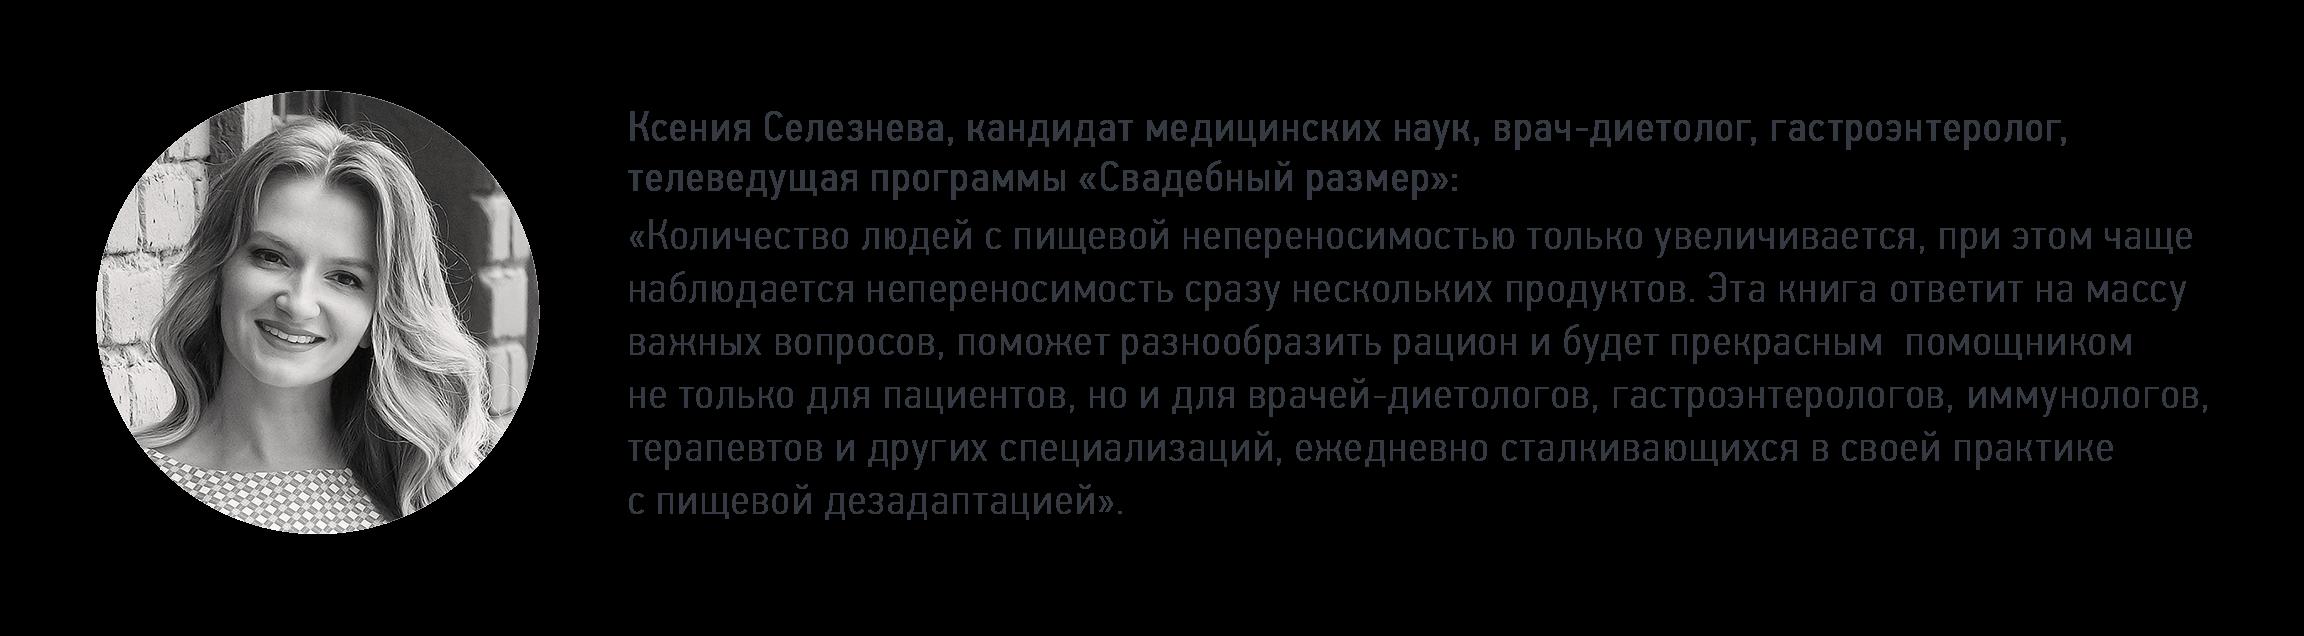 Ксения